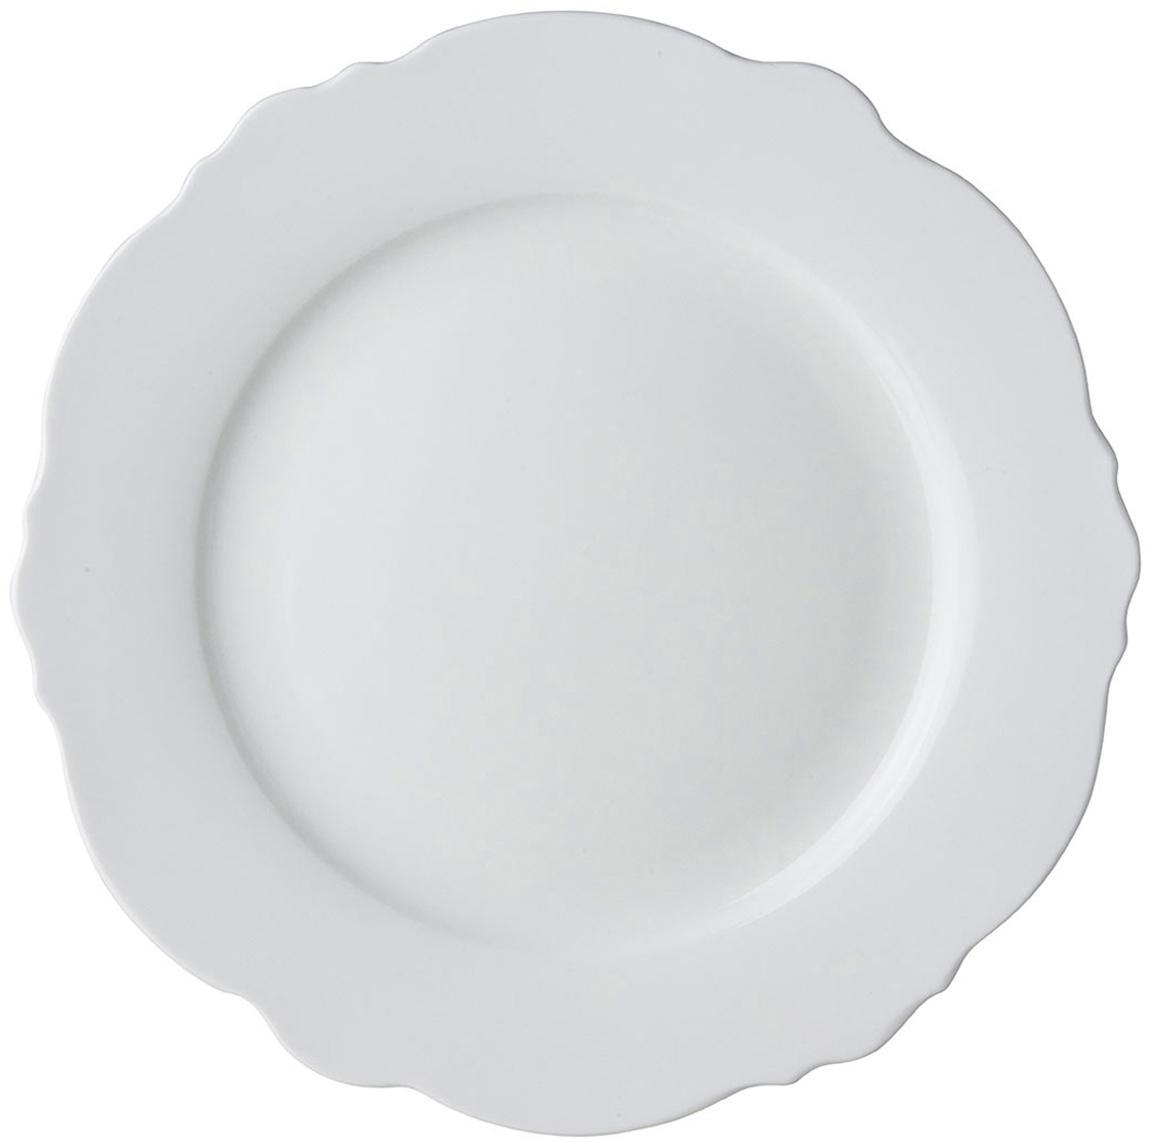 Dinerborden Muschel Loft, 4 stuks, Porselein, Wit, Ø 26 x H 2 cm